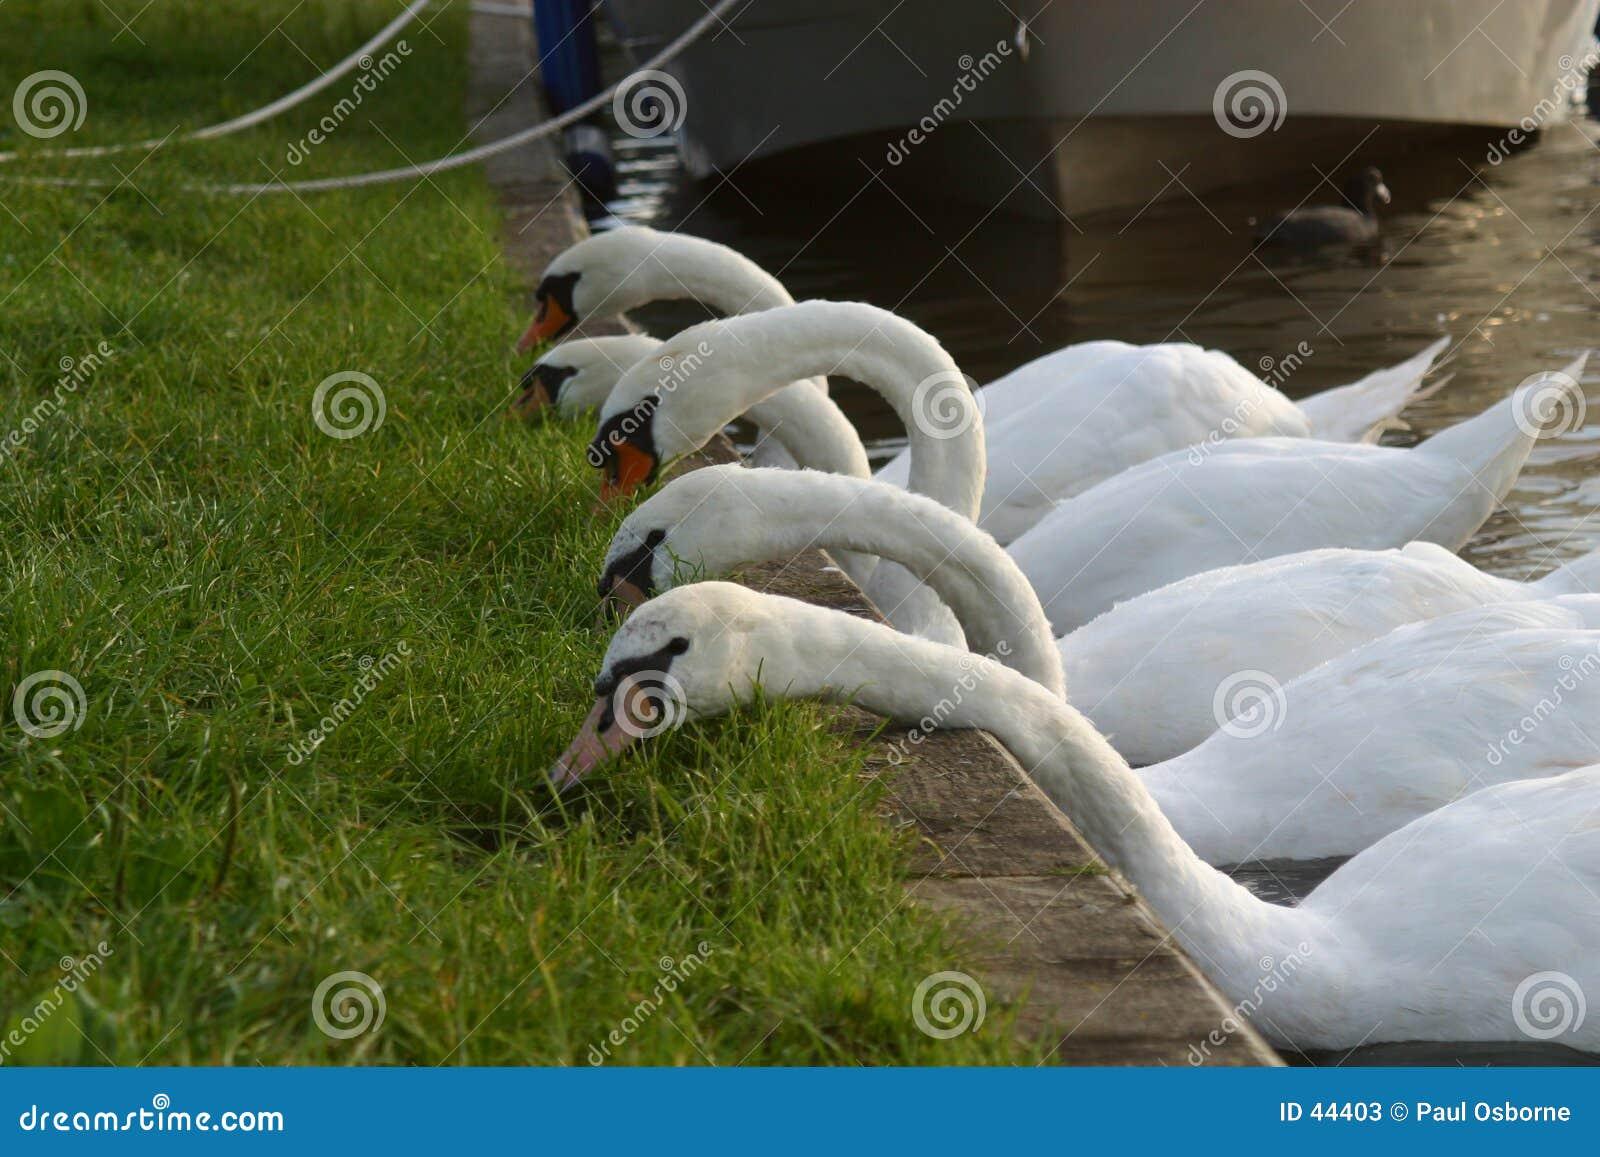 Five swans a feeding